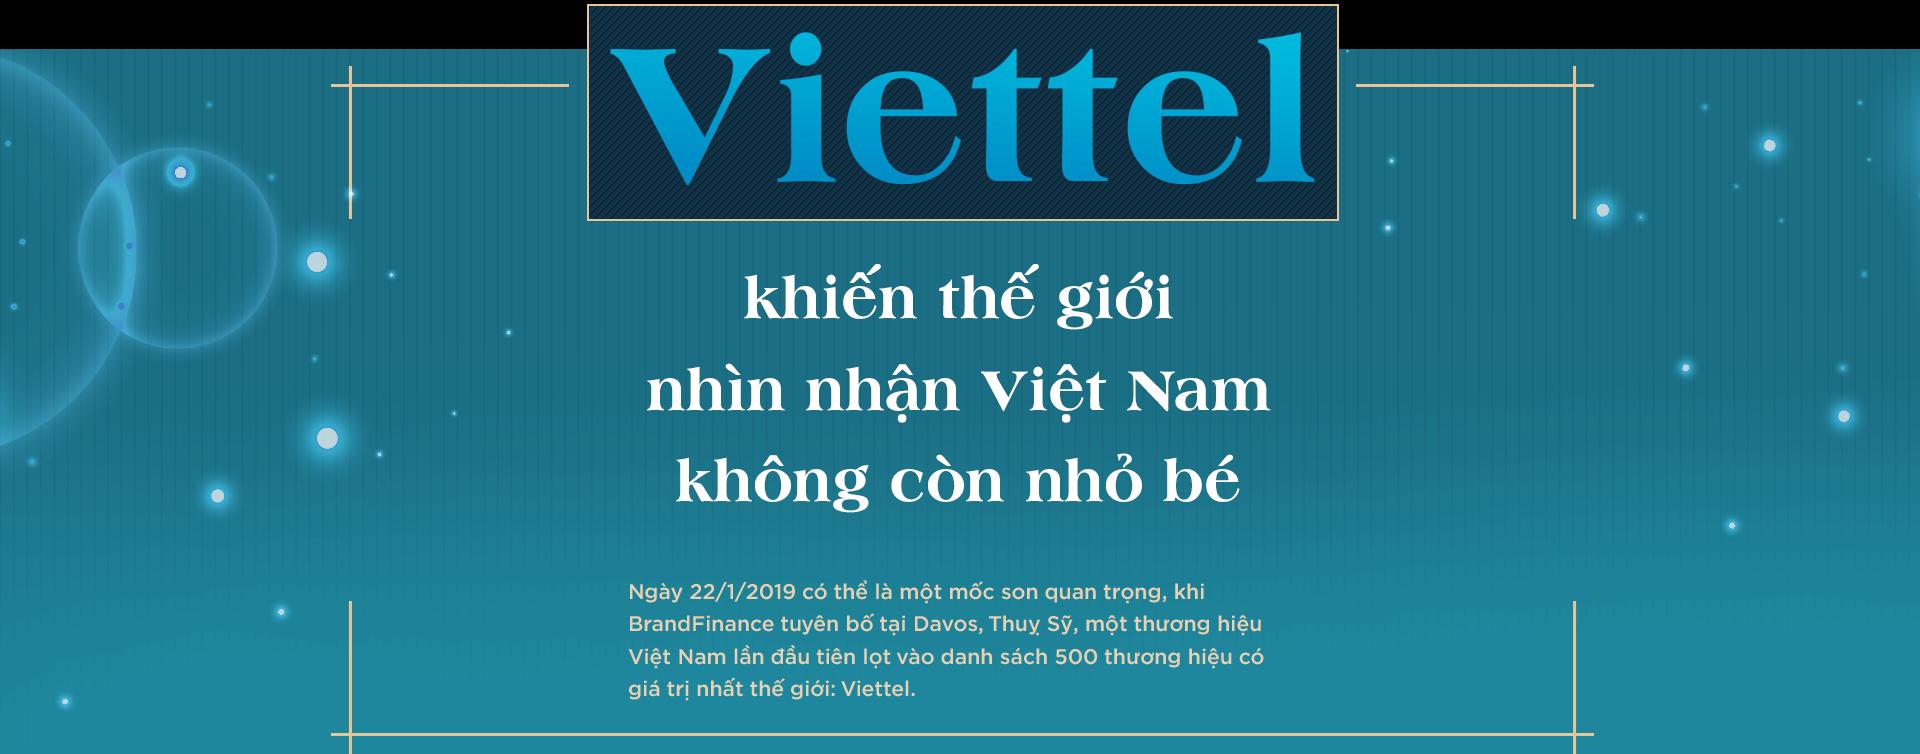 Viettel là mạng di động lớn nhất Việt Nam